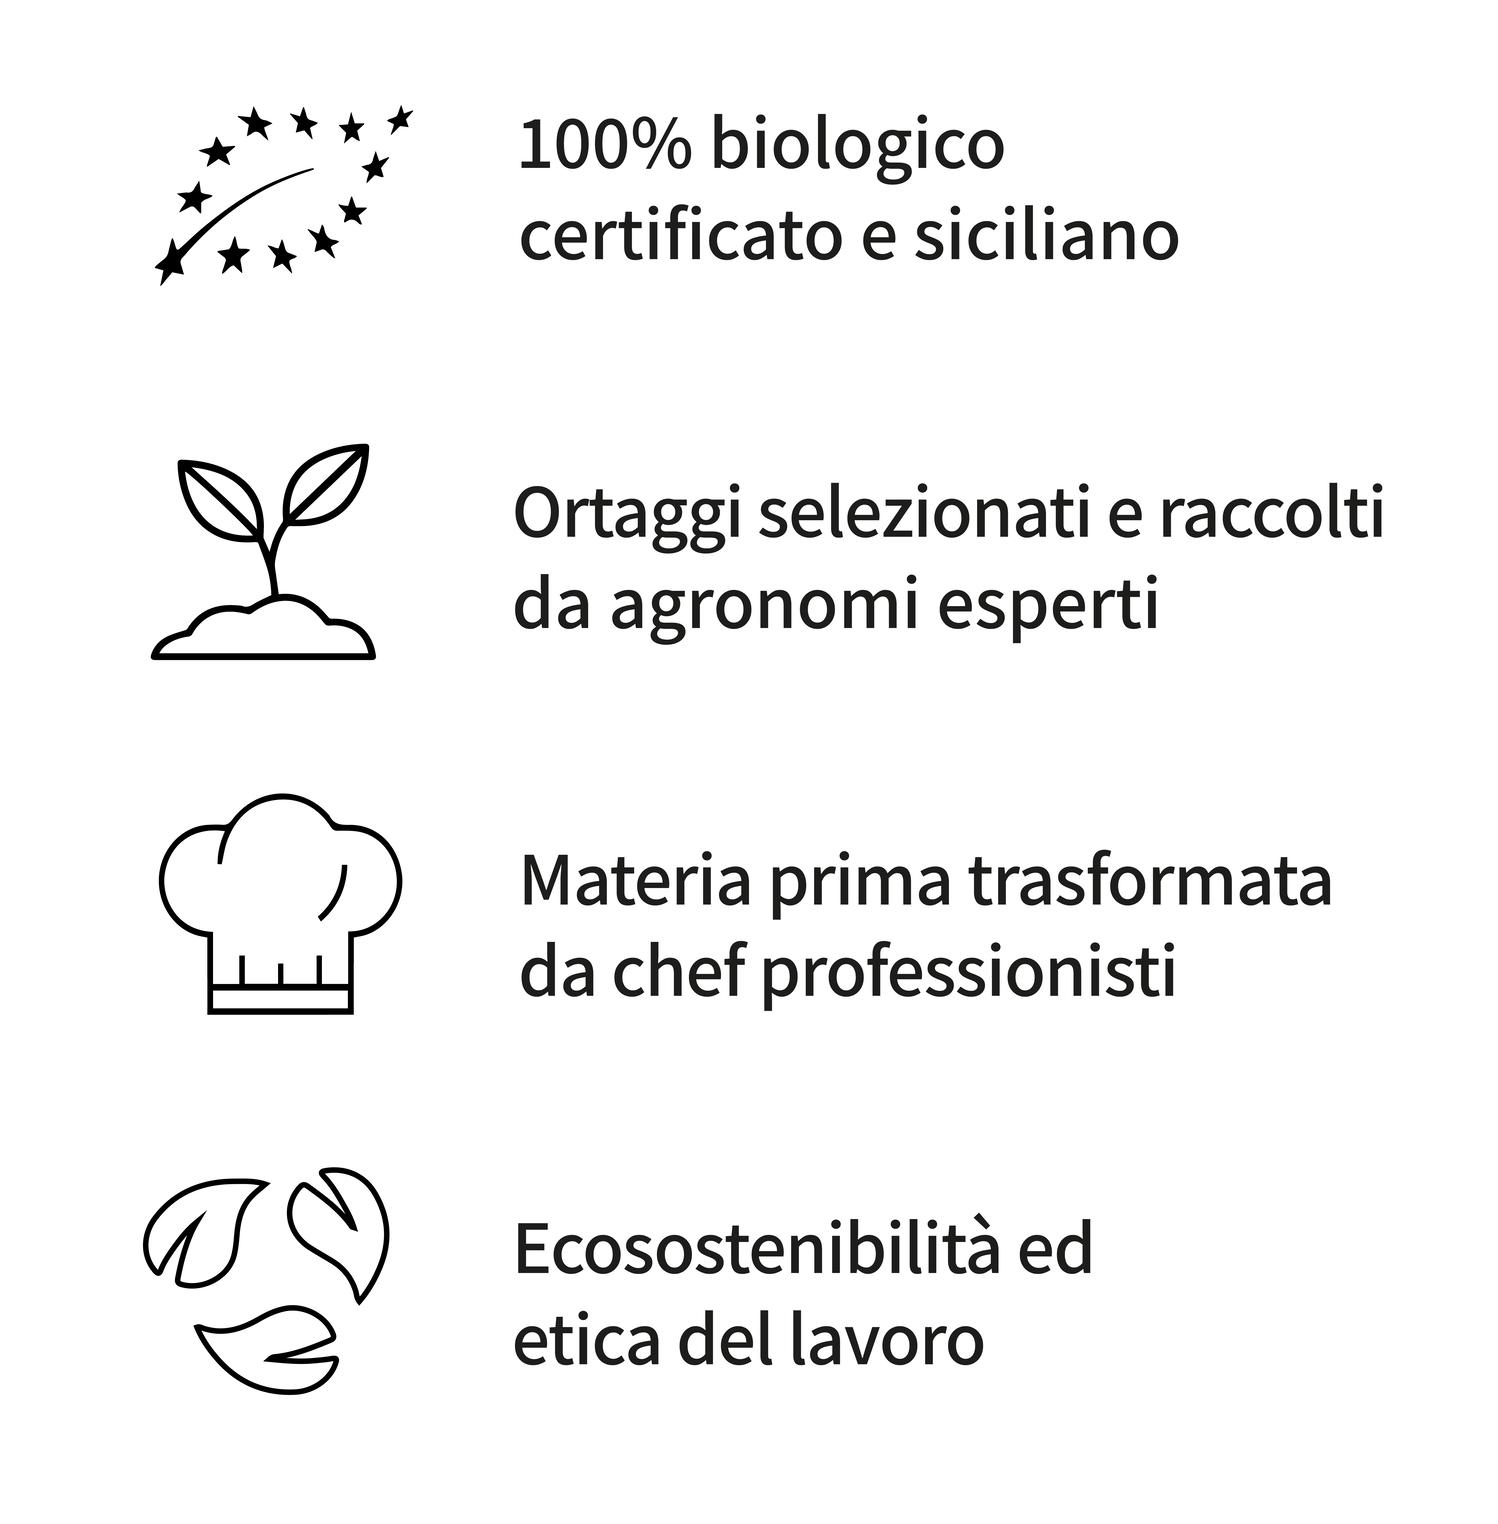 100% biologico certificato e siciliano, ortaggi selezionati e raccolti da agronomi esperti, materia prima trasformata da chef professionisti, ecosostenibilità ed etica del lavoro